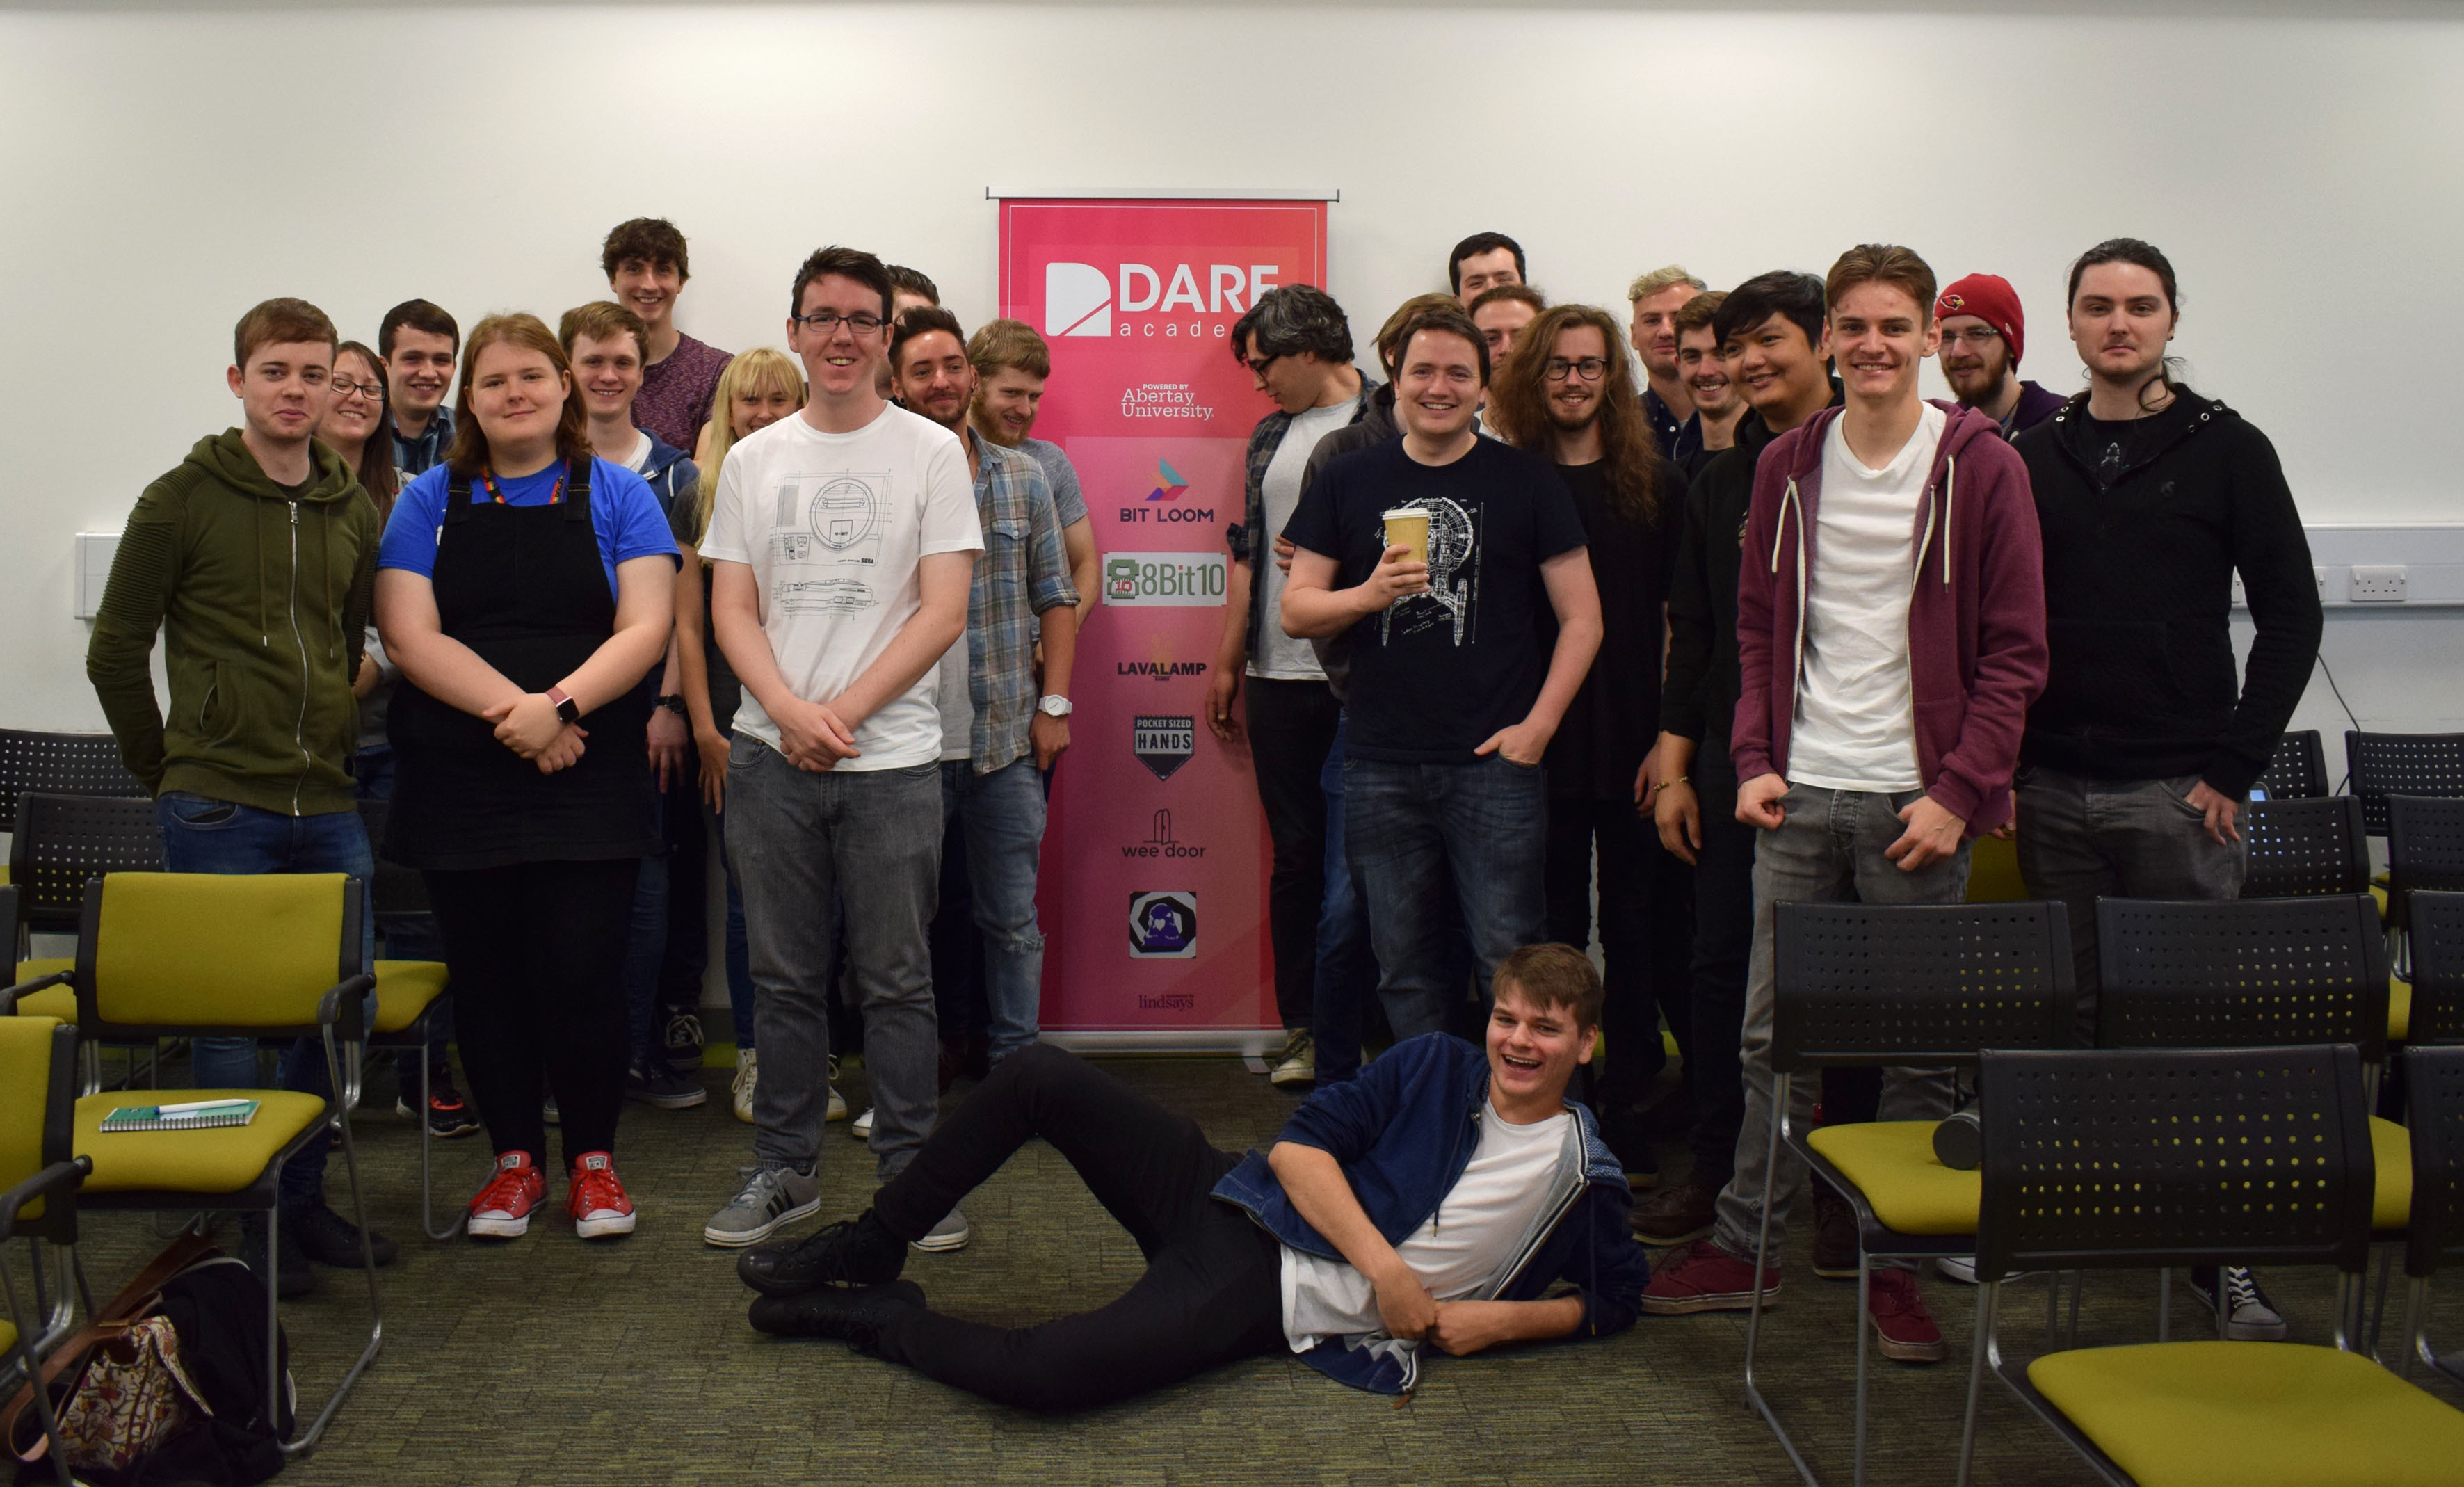 The Dare Academy competitors.